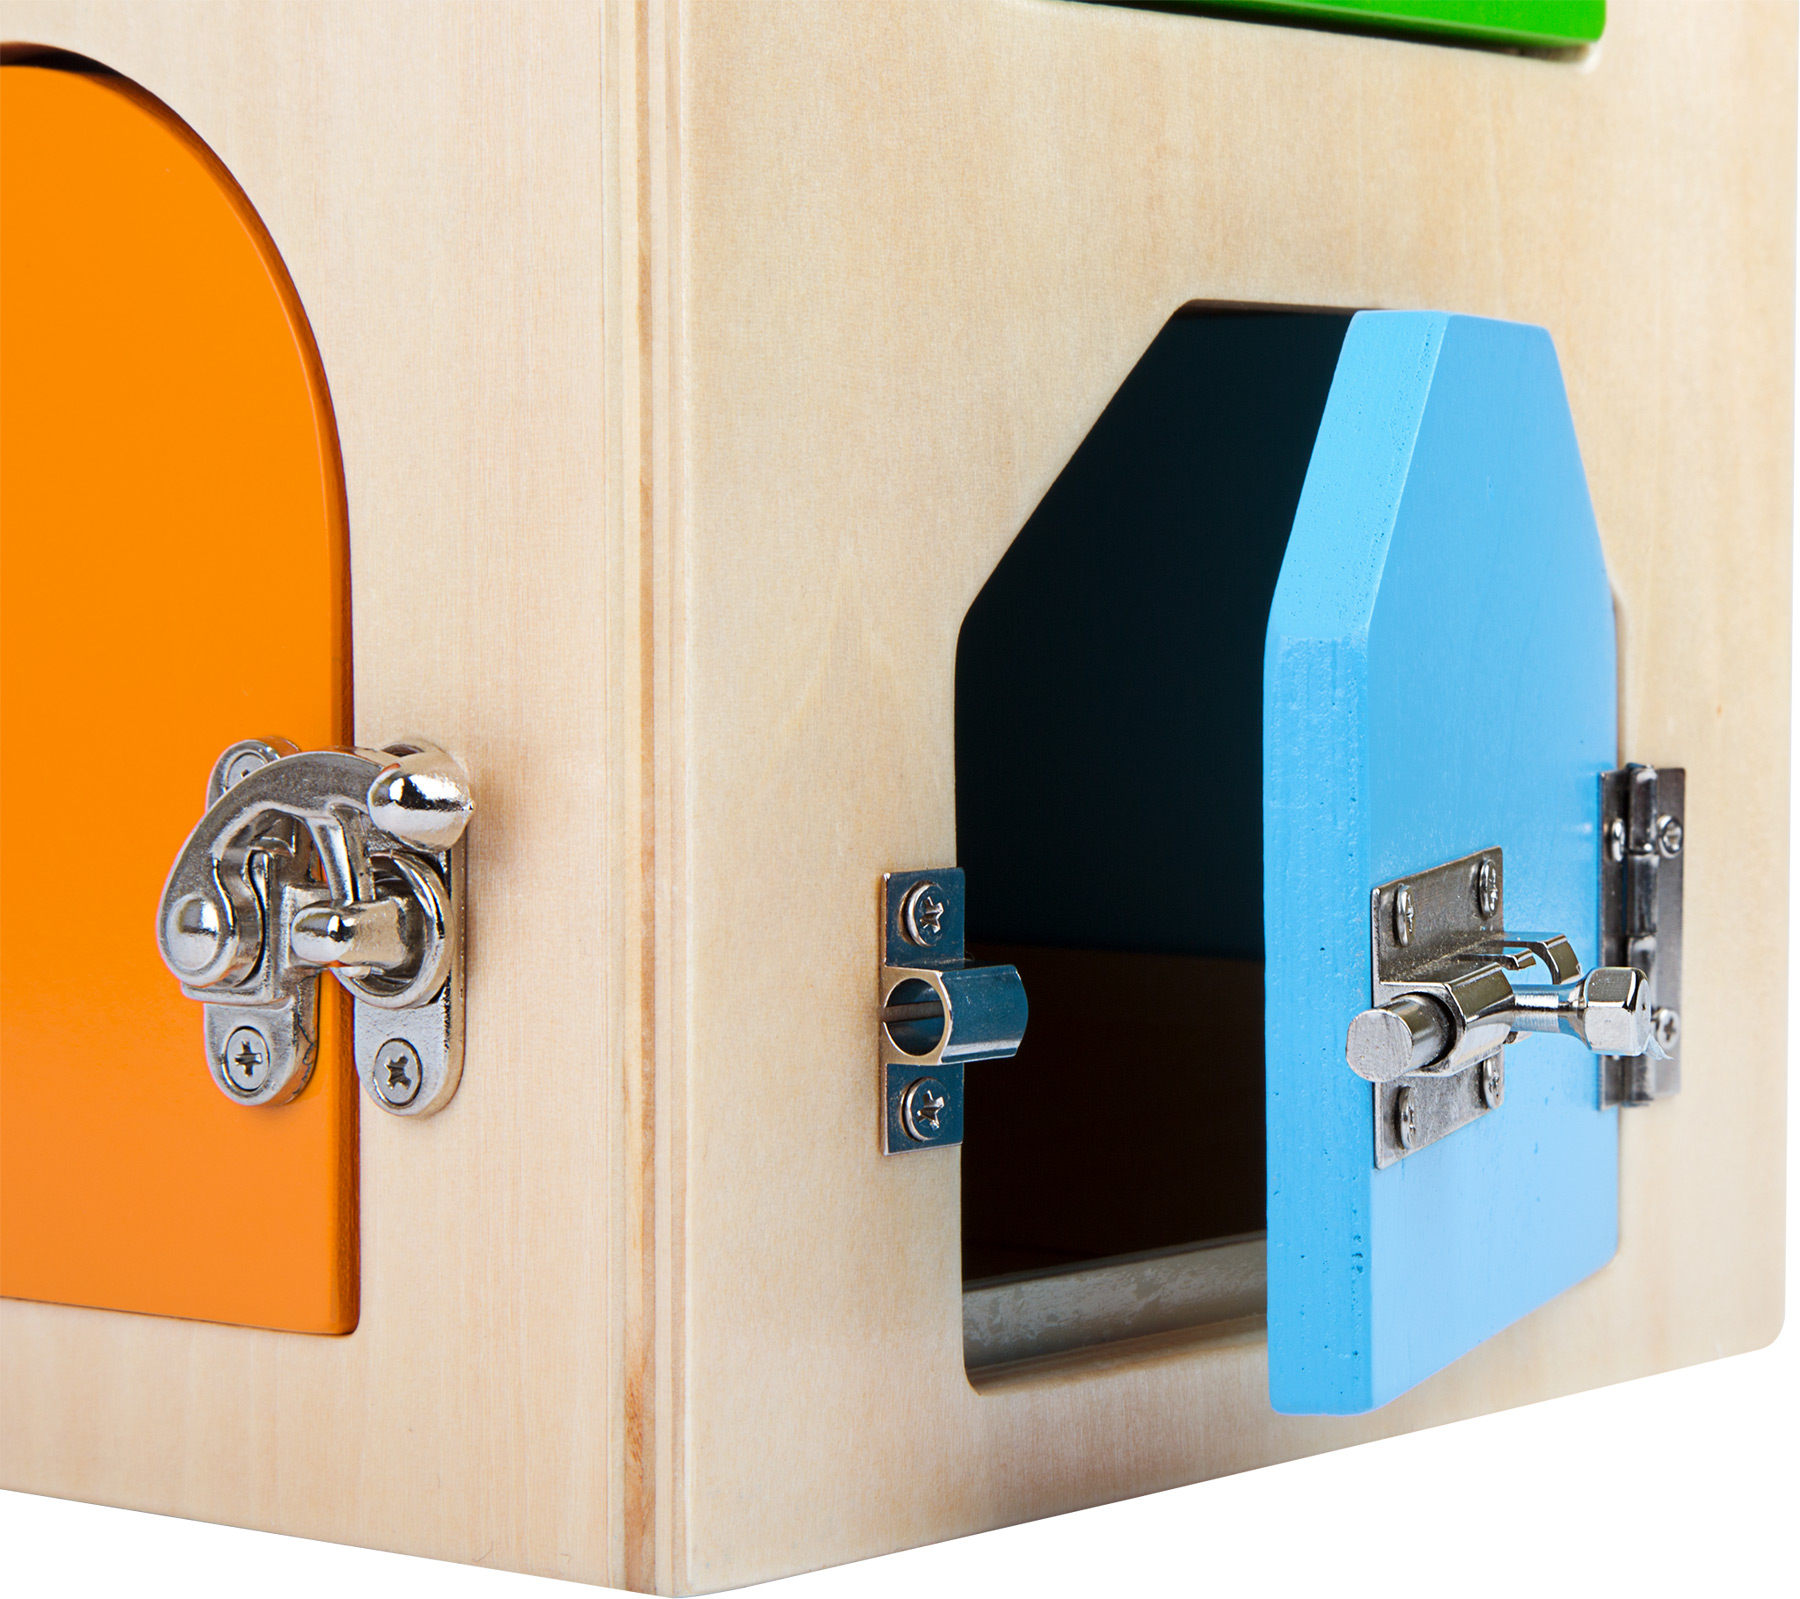 casita de cerraduras de madera-ukitu juguetes